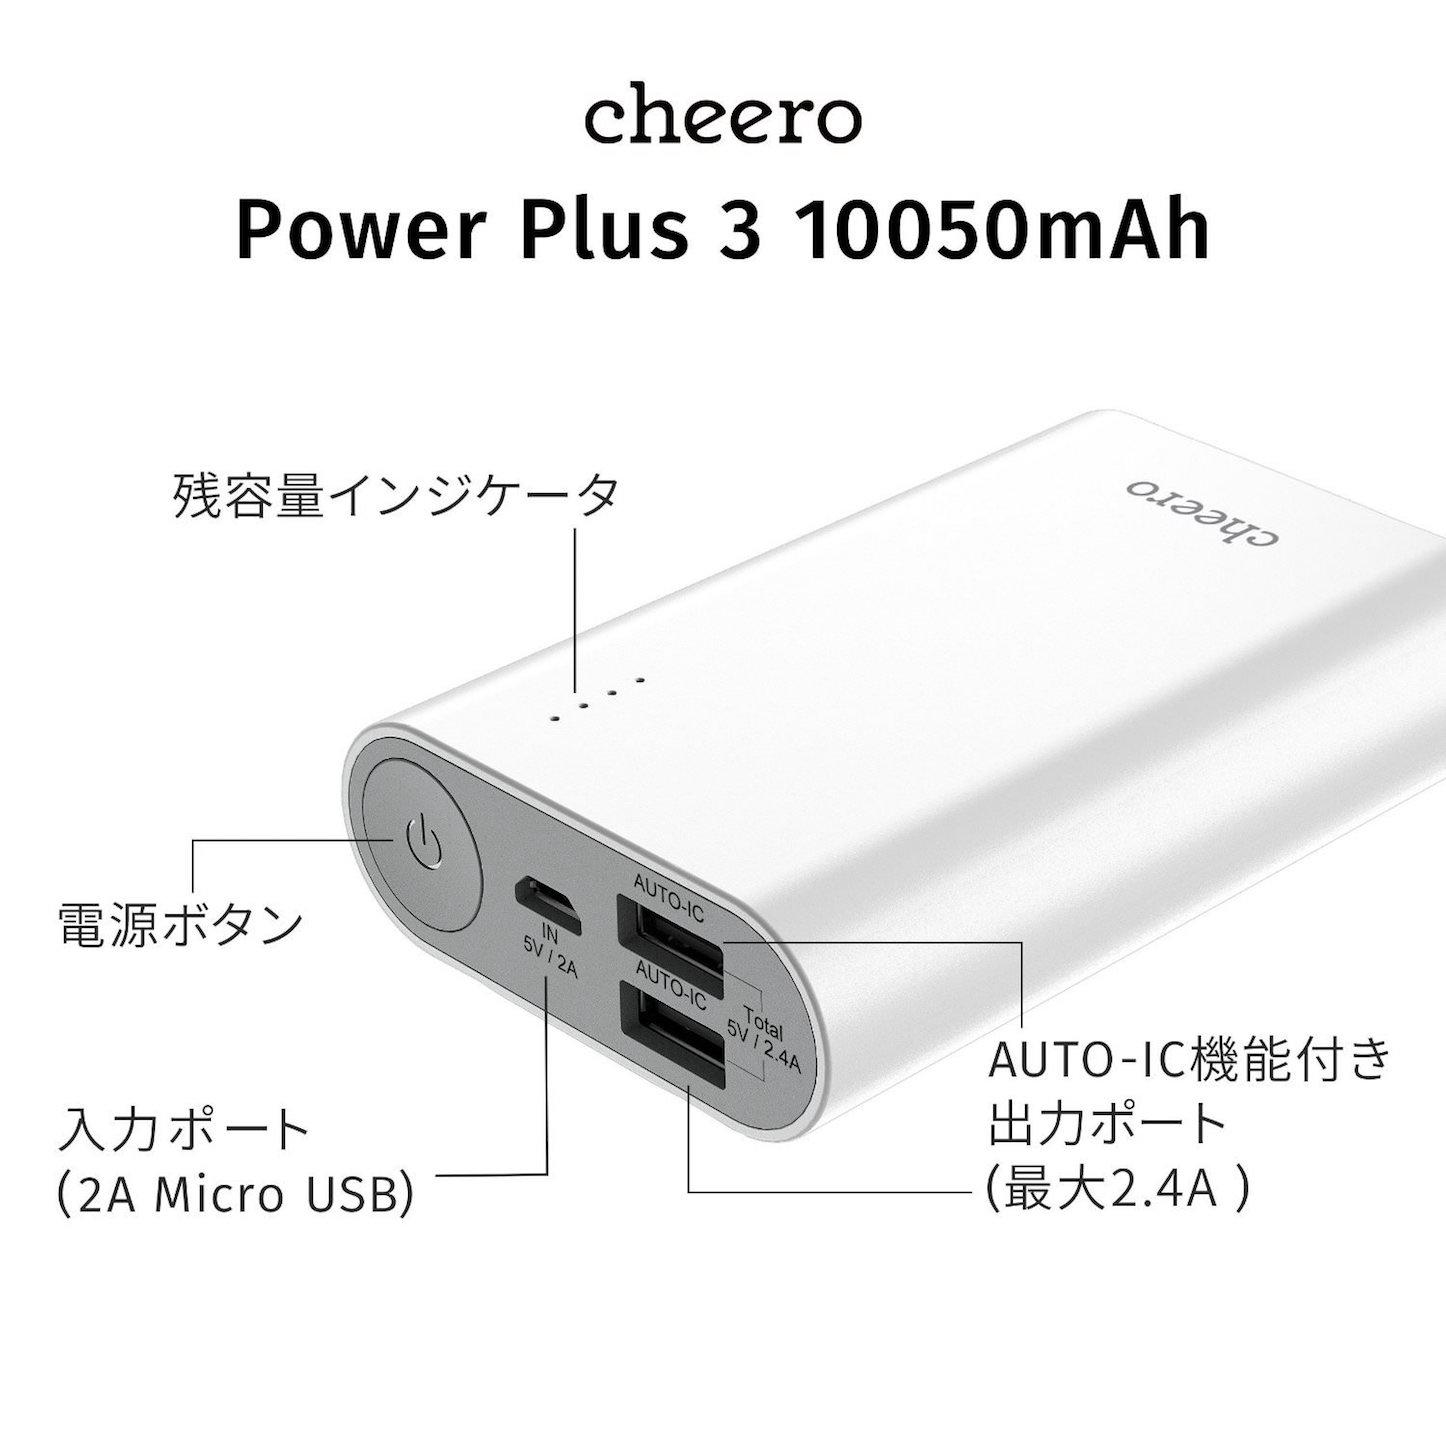 cheero-Power-Plus-3-10500mAh-4.jpg